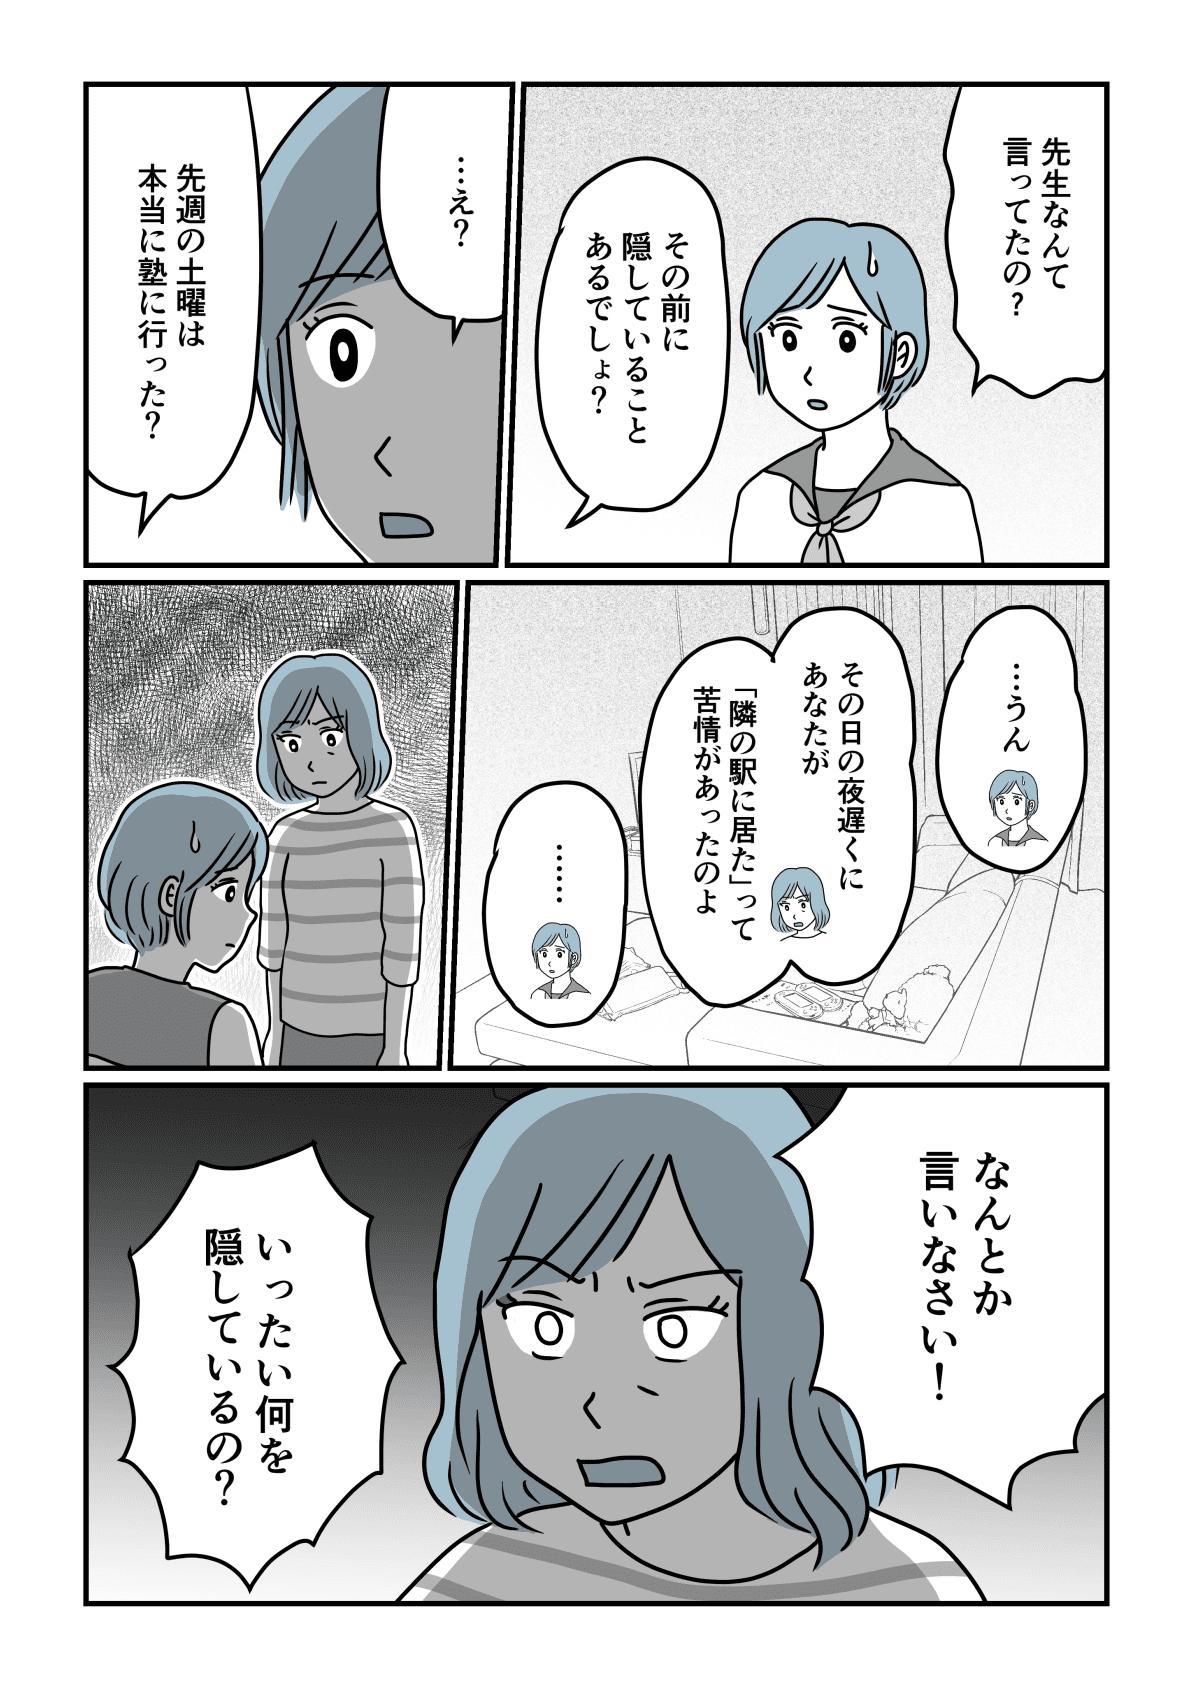 濡れ衣3−1